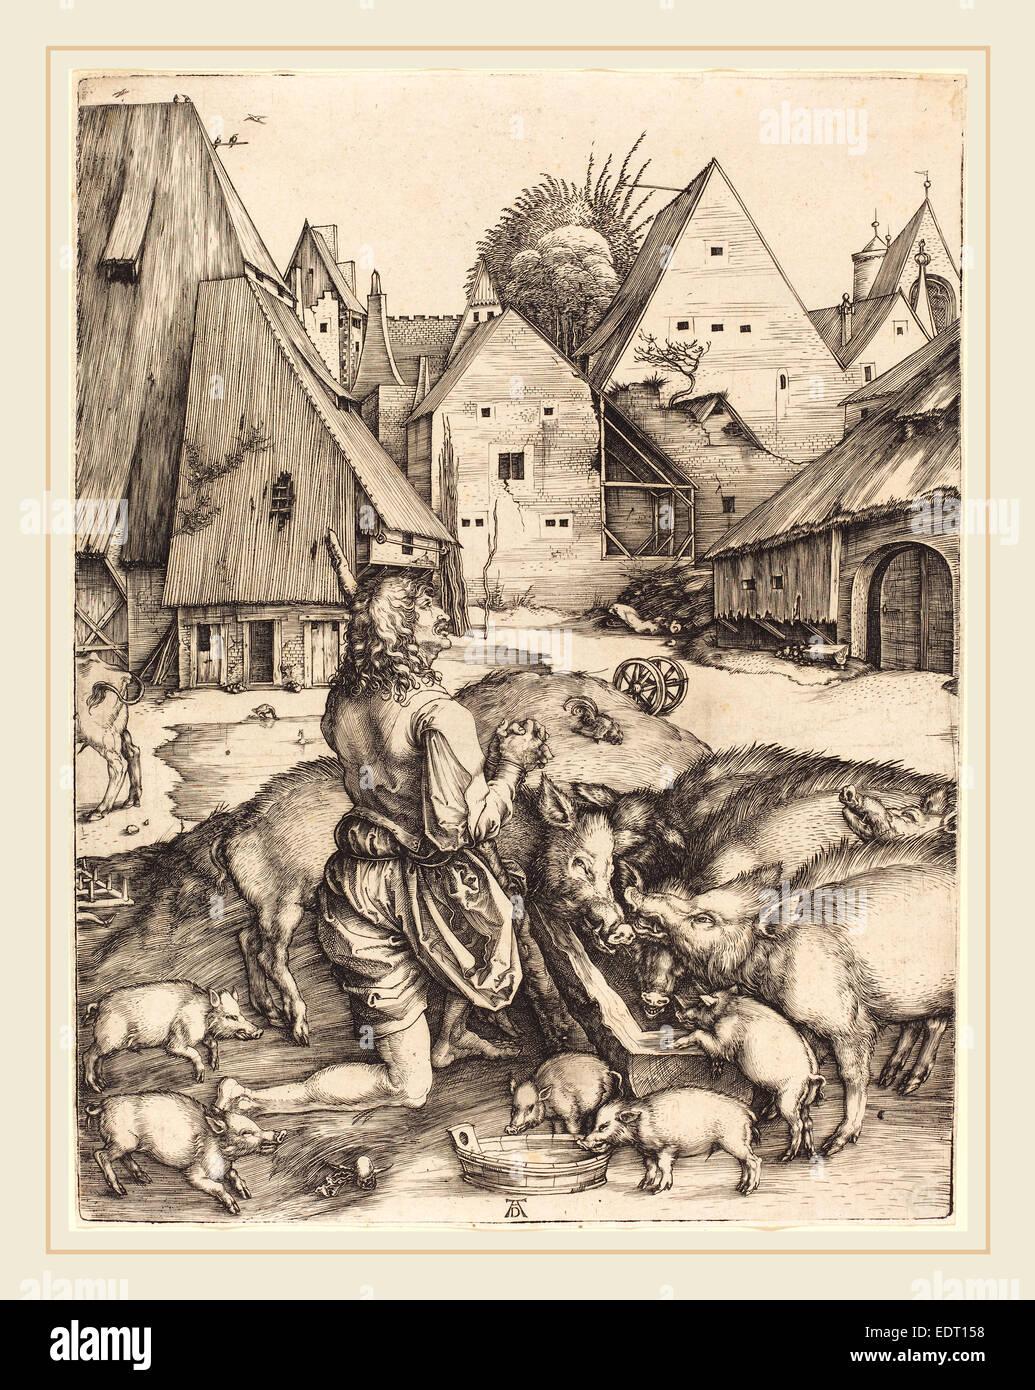 Albrecht Dürer (German, 1471-1528), The Prodigal Son, c.